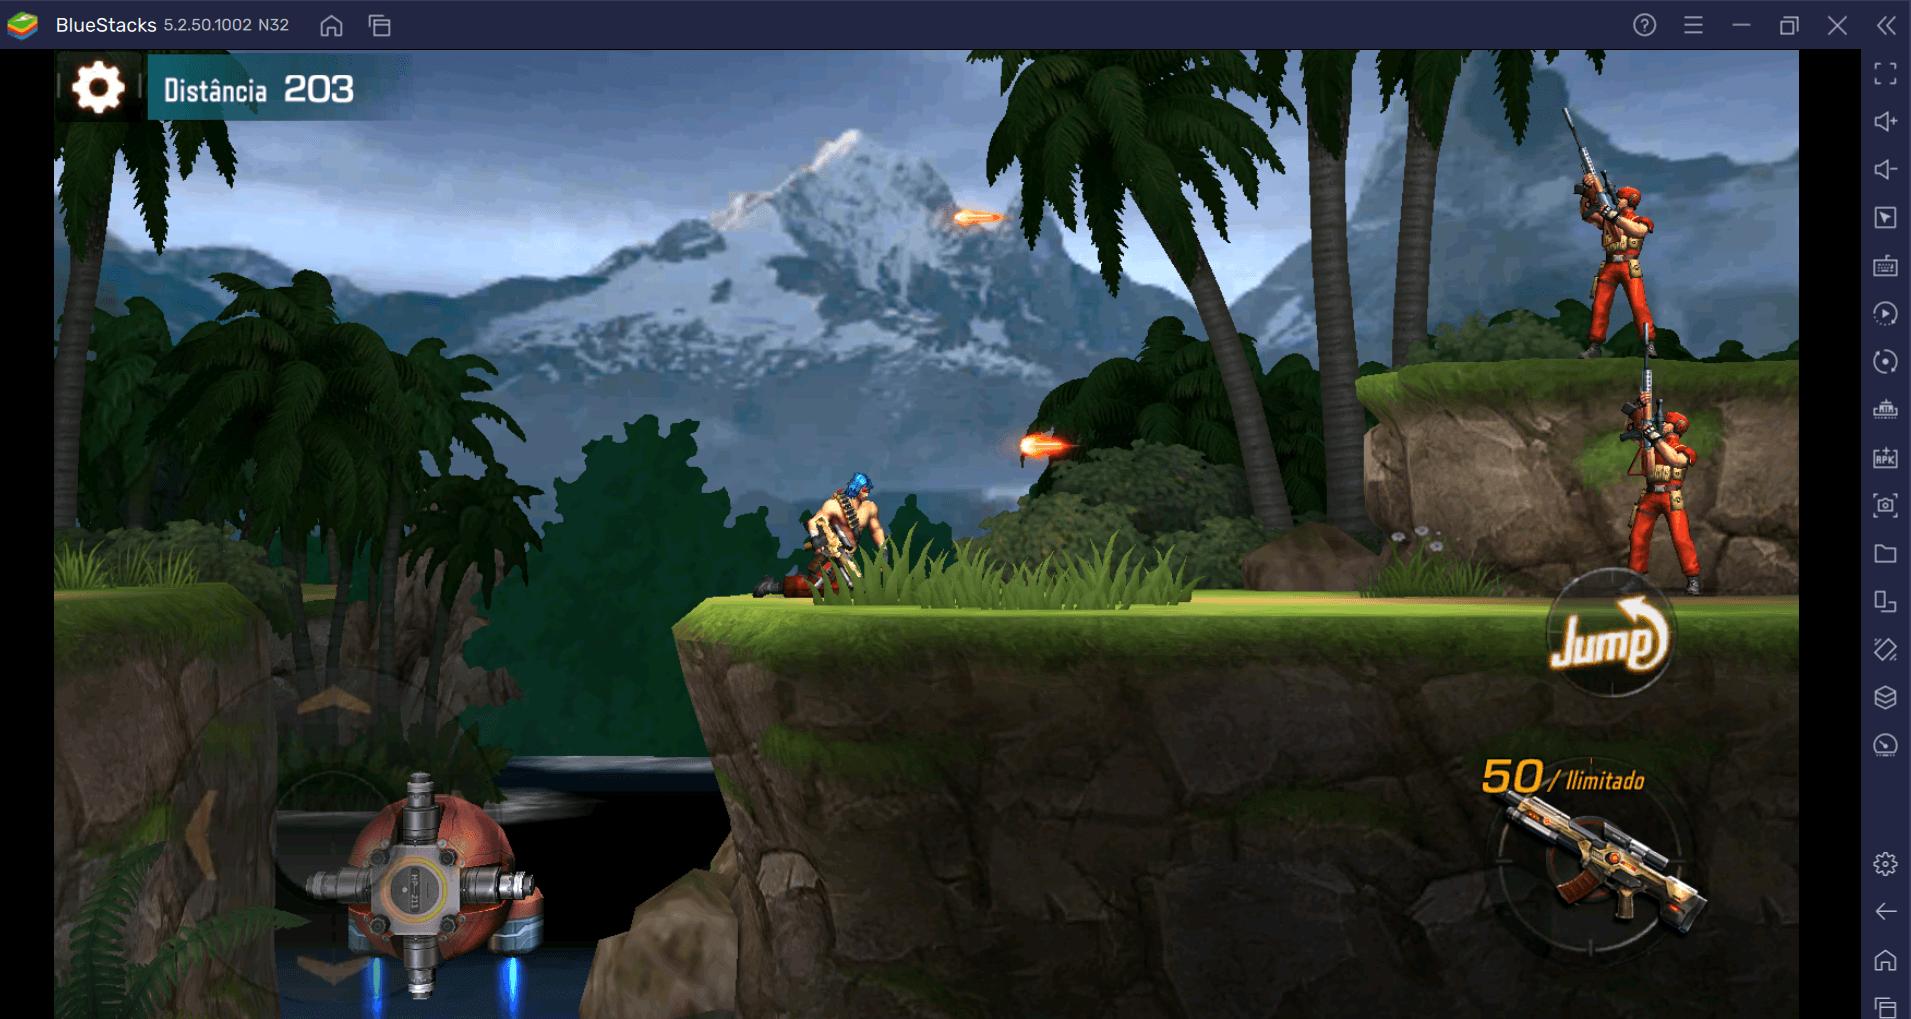 Guia de Iniciantes em Contra Returns: conheça todos os modos de jogo